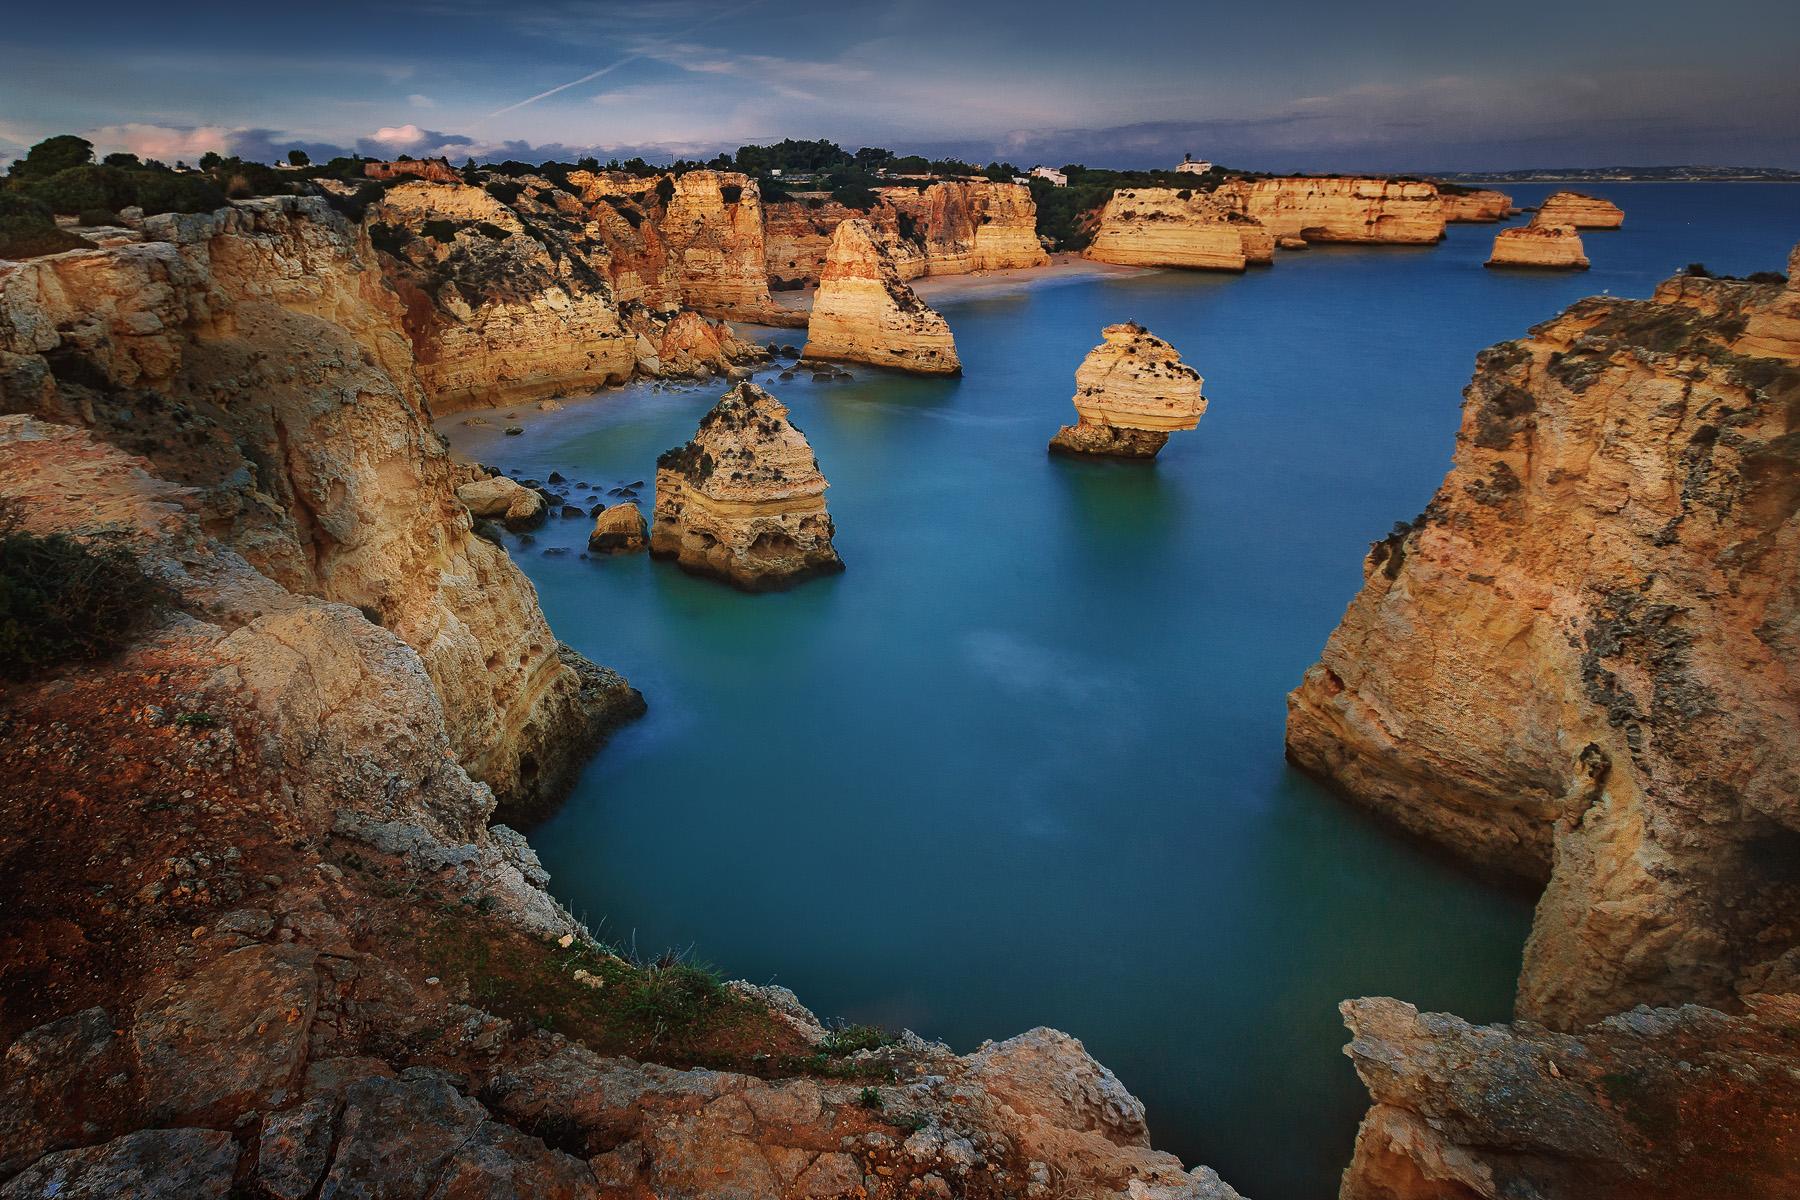 Португалия красивые места фото несмотря то